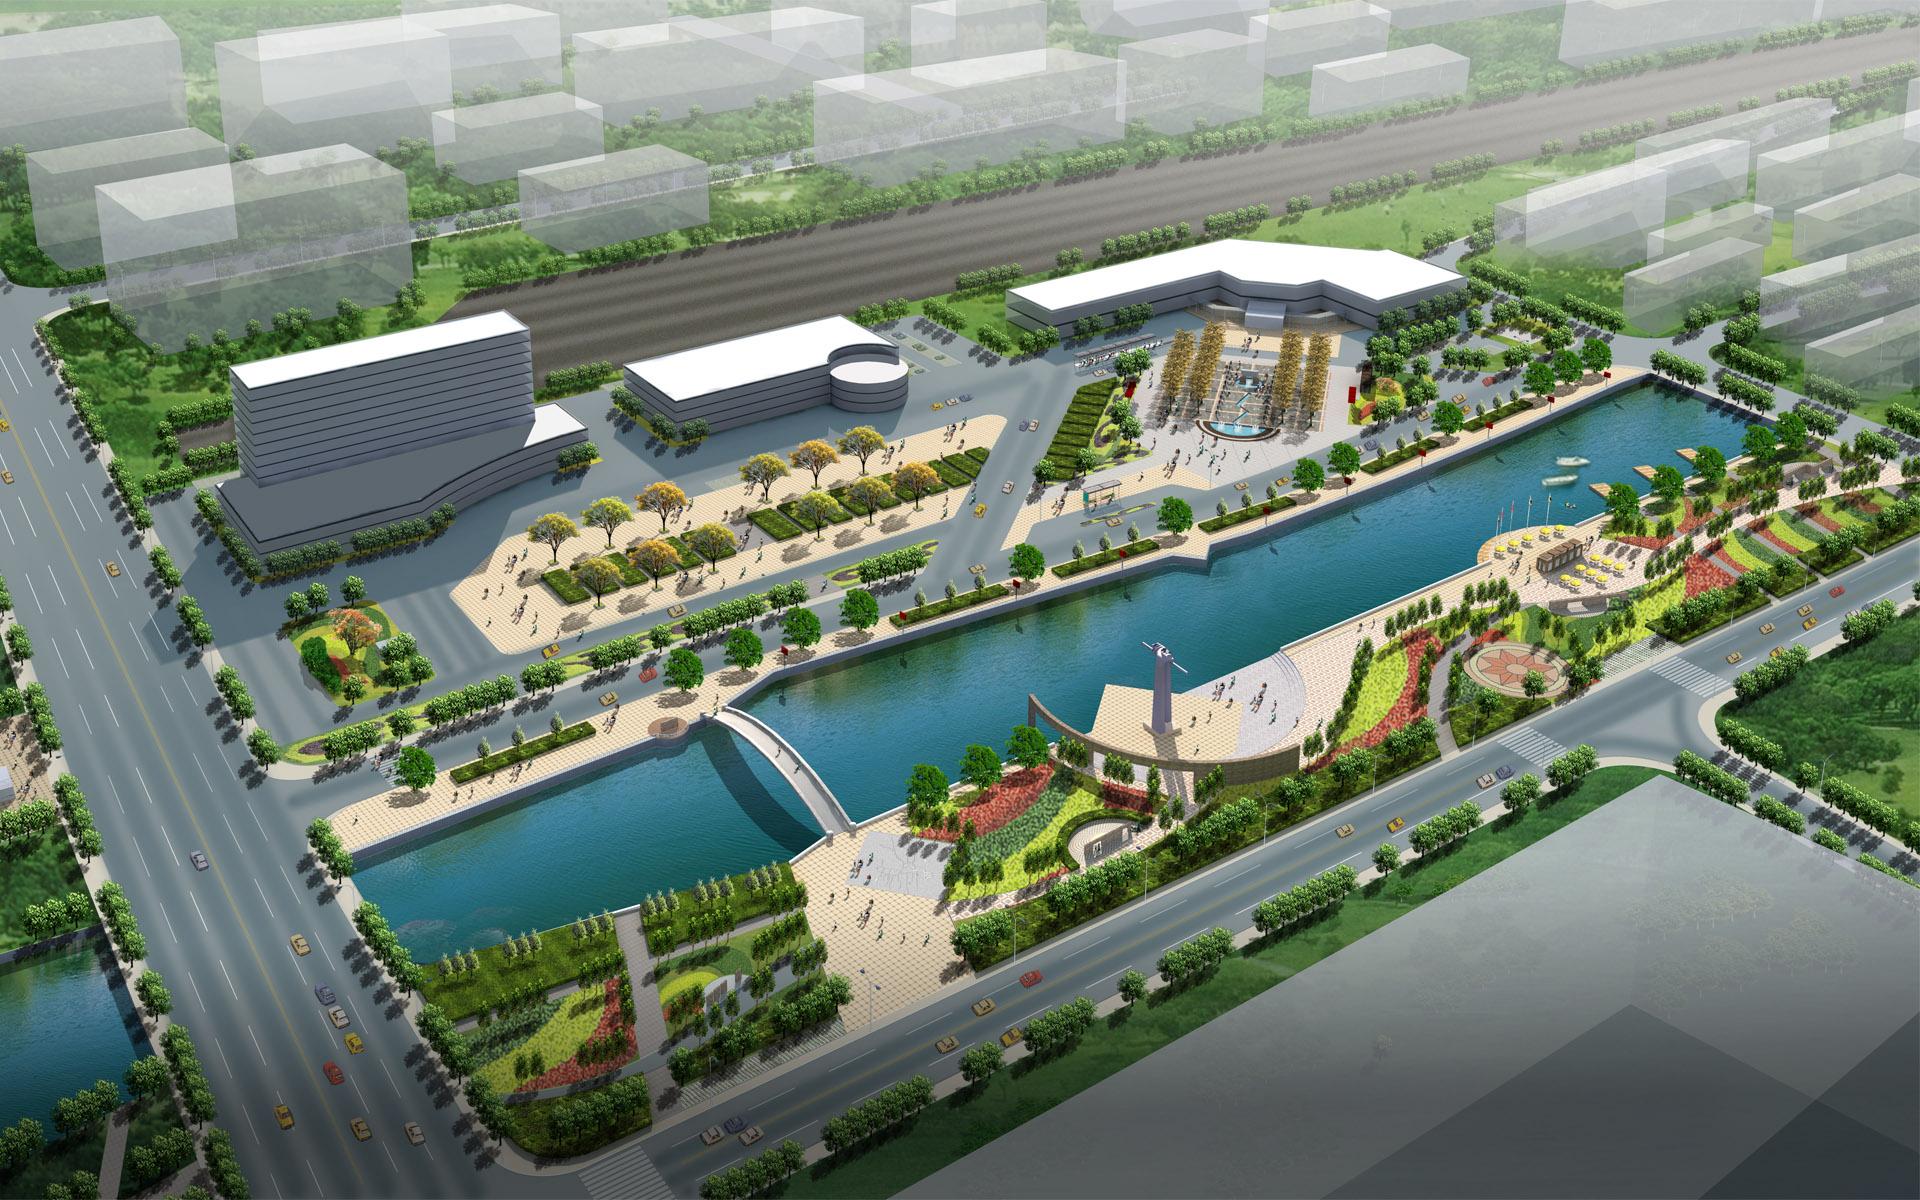 3d architectural city design - photo #5